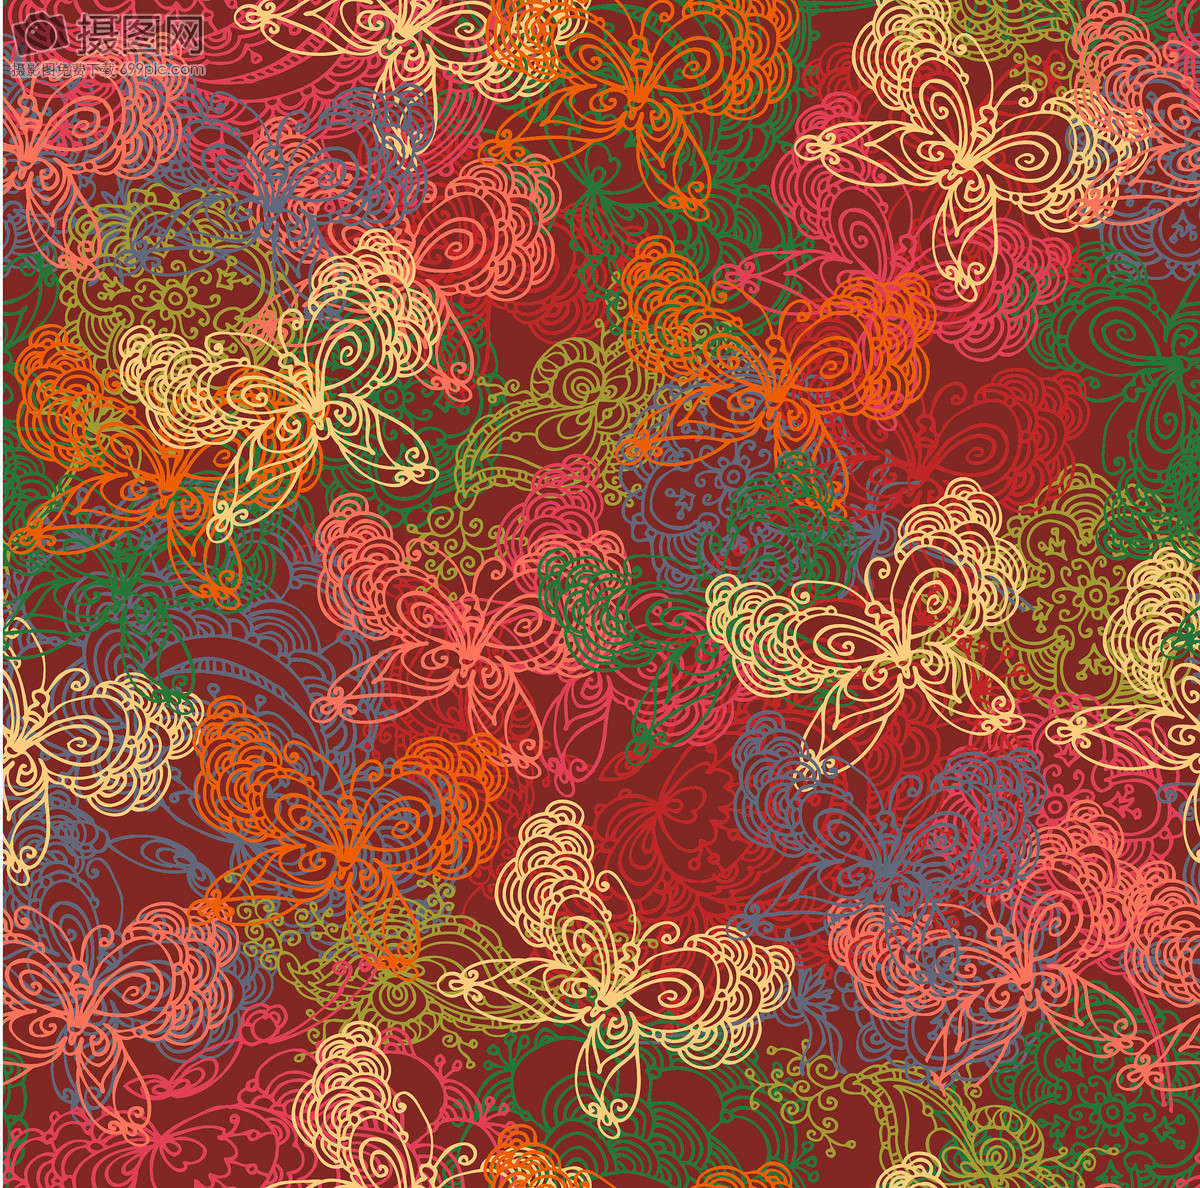 简约圣诞花纹海报背景春节国外炫彩几何科技唯美花朵背景图片国外炫彩